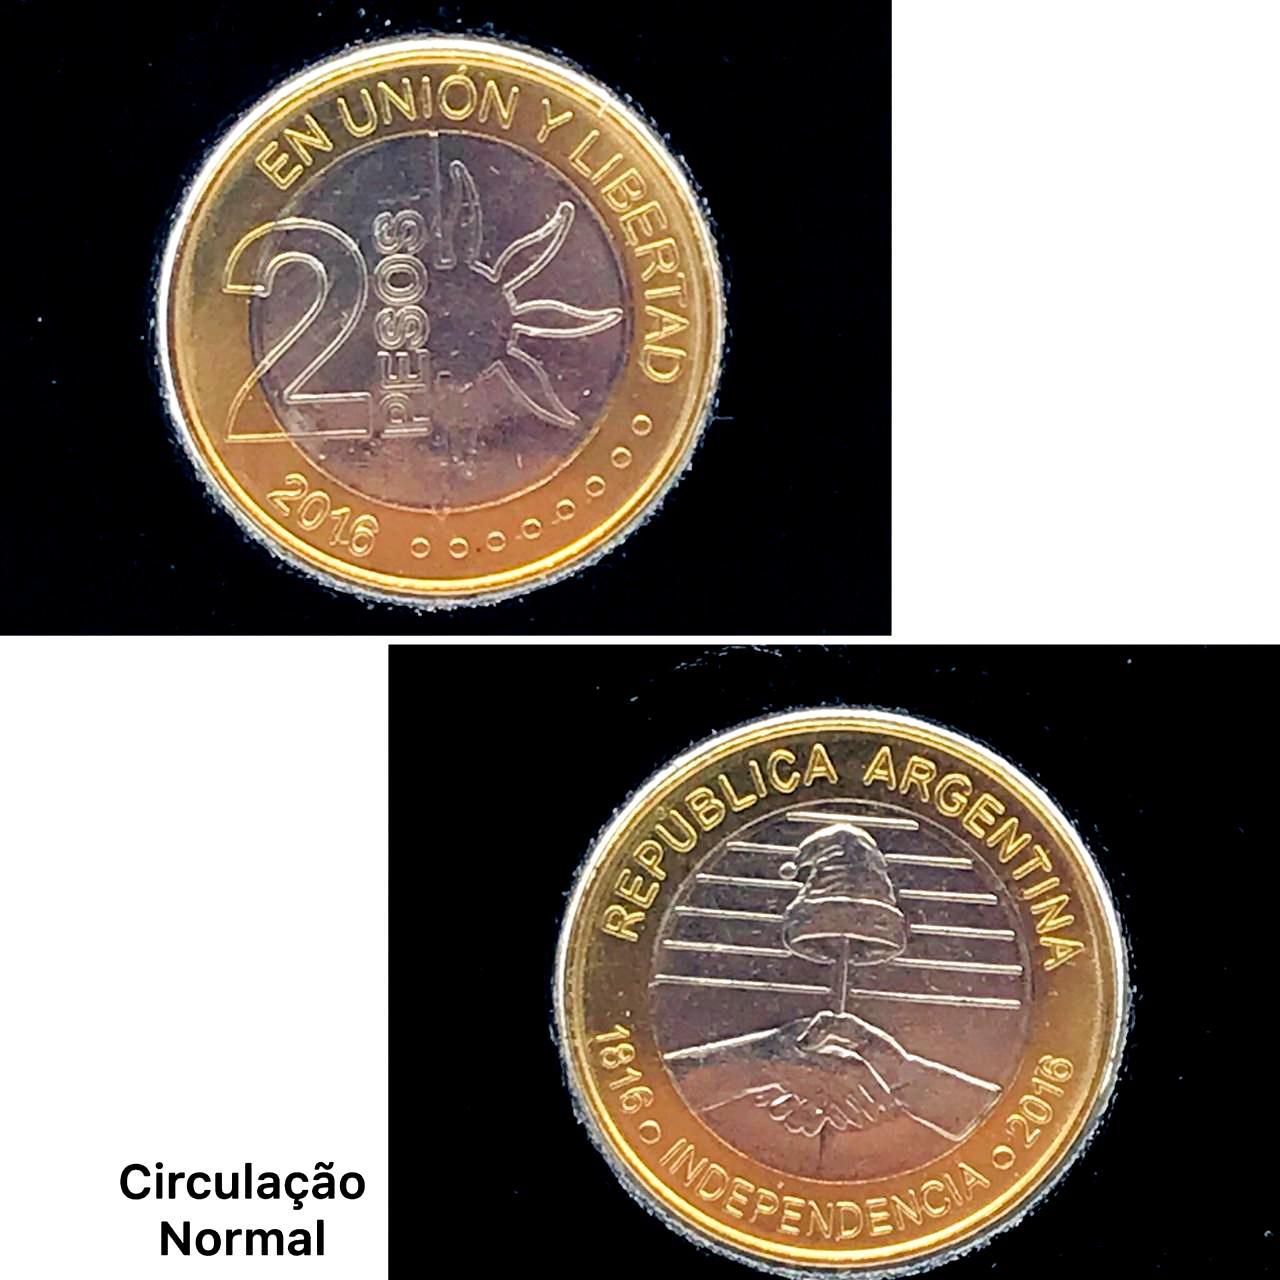 Argentina Bimetalica-Comemorativa Independencia 1816-2018